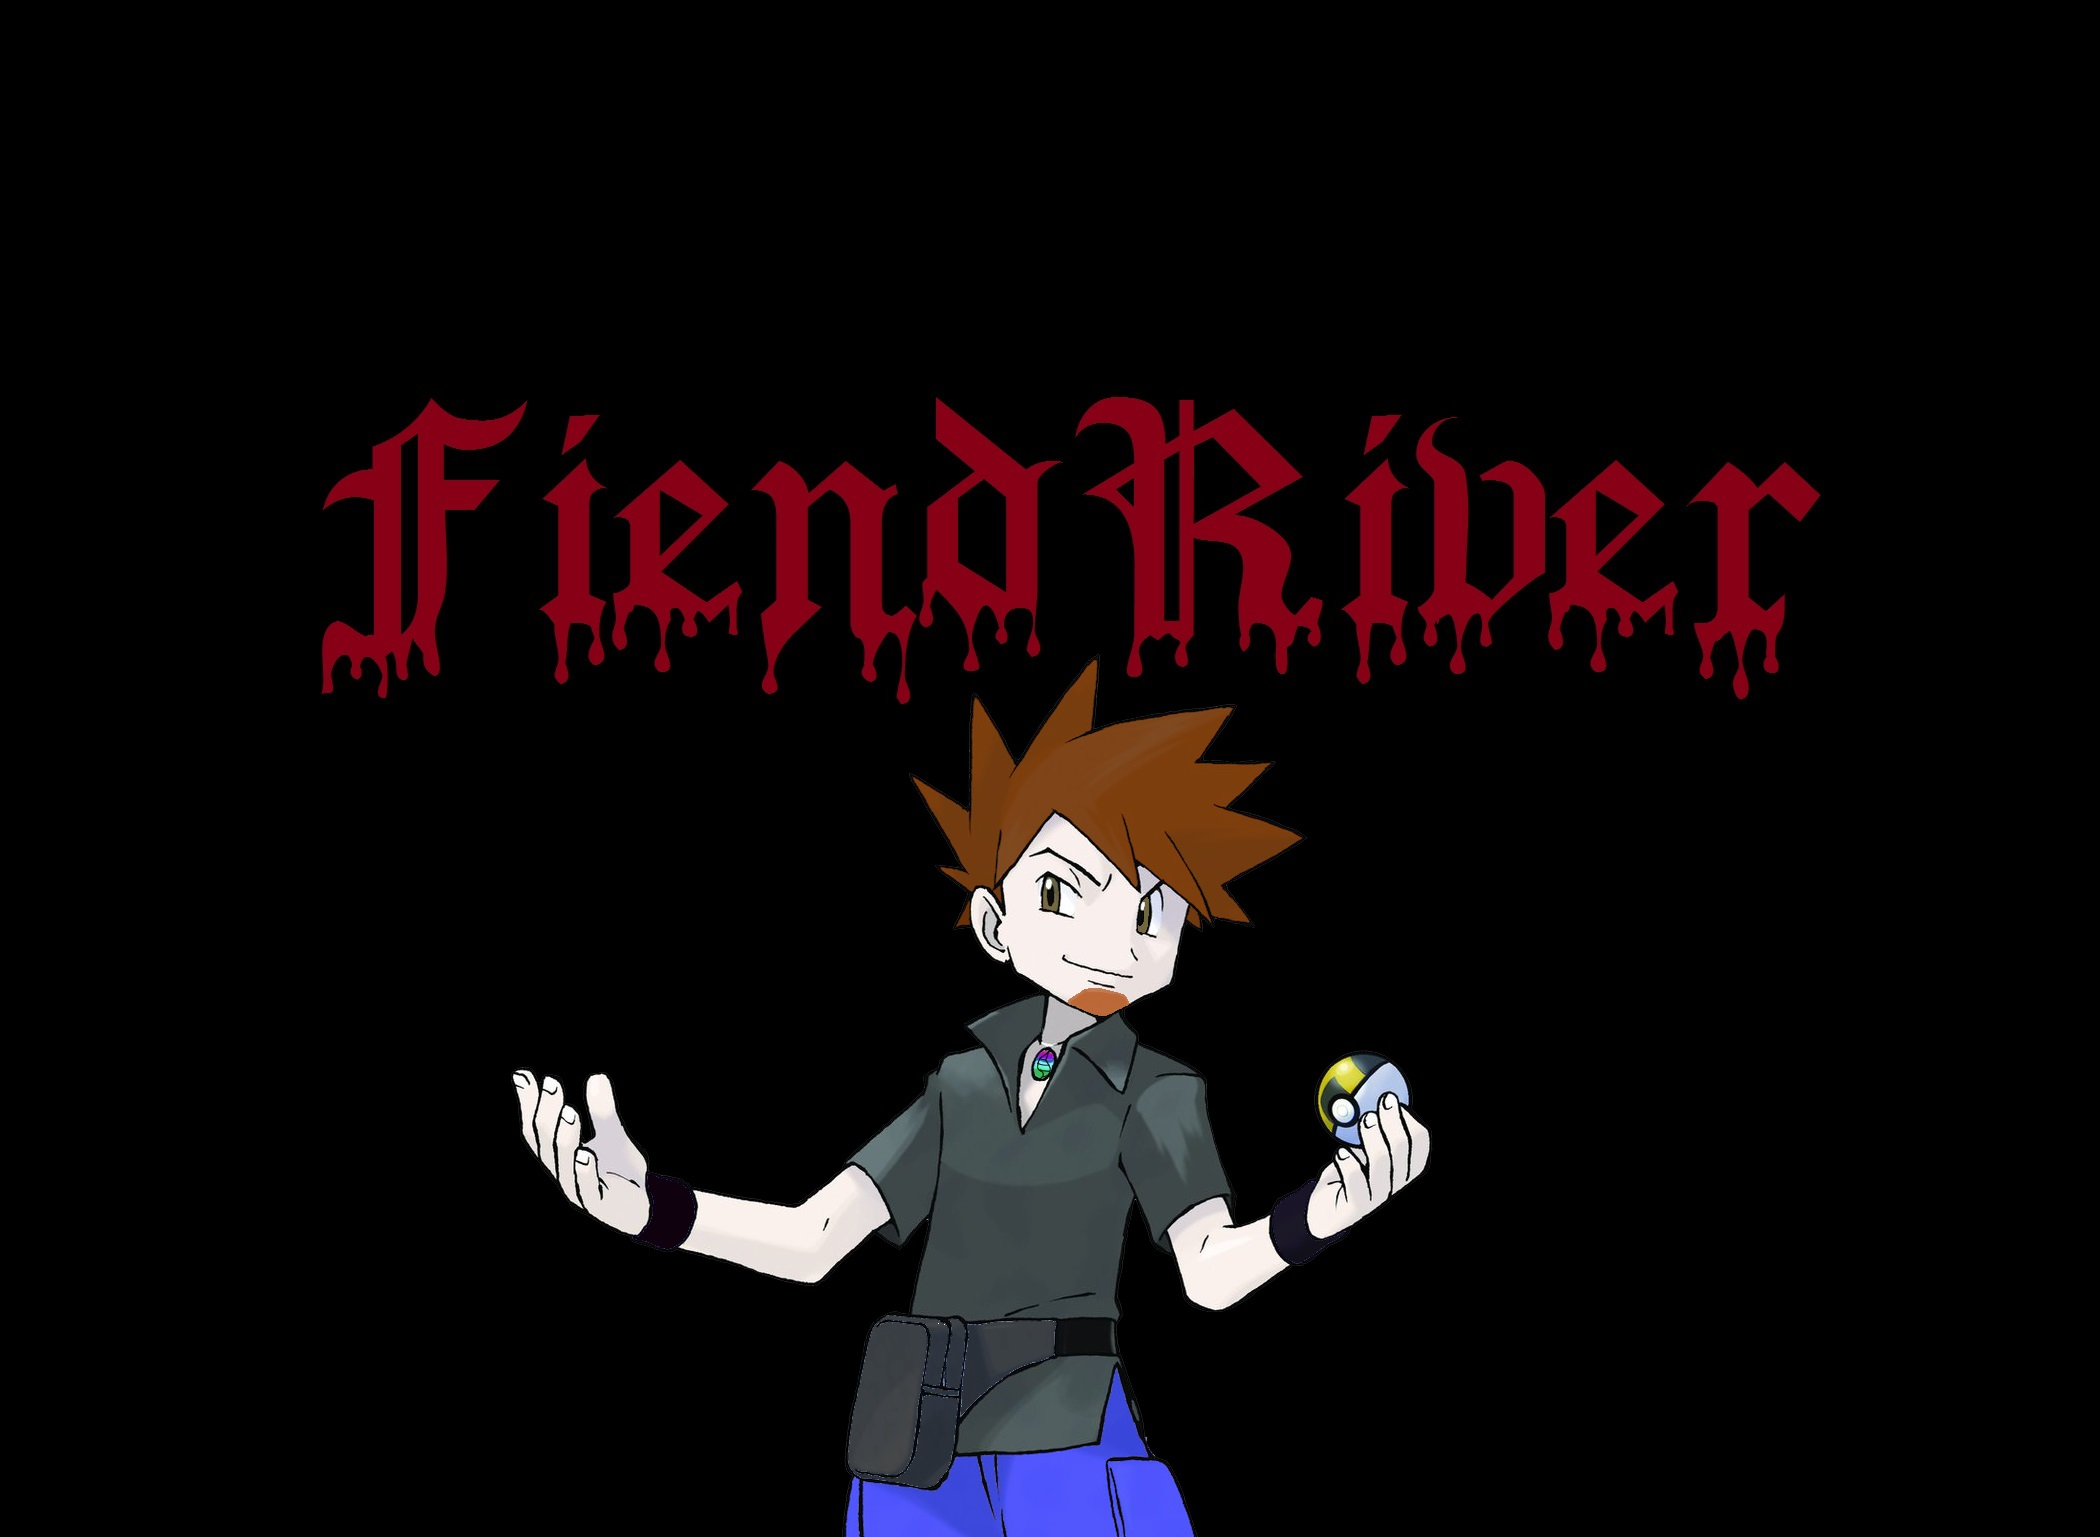 FiendRiver96